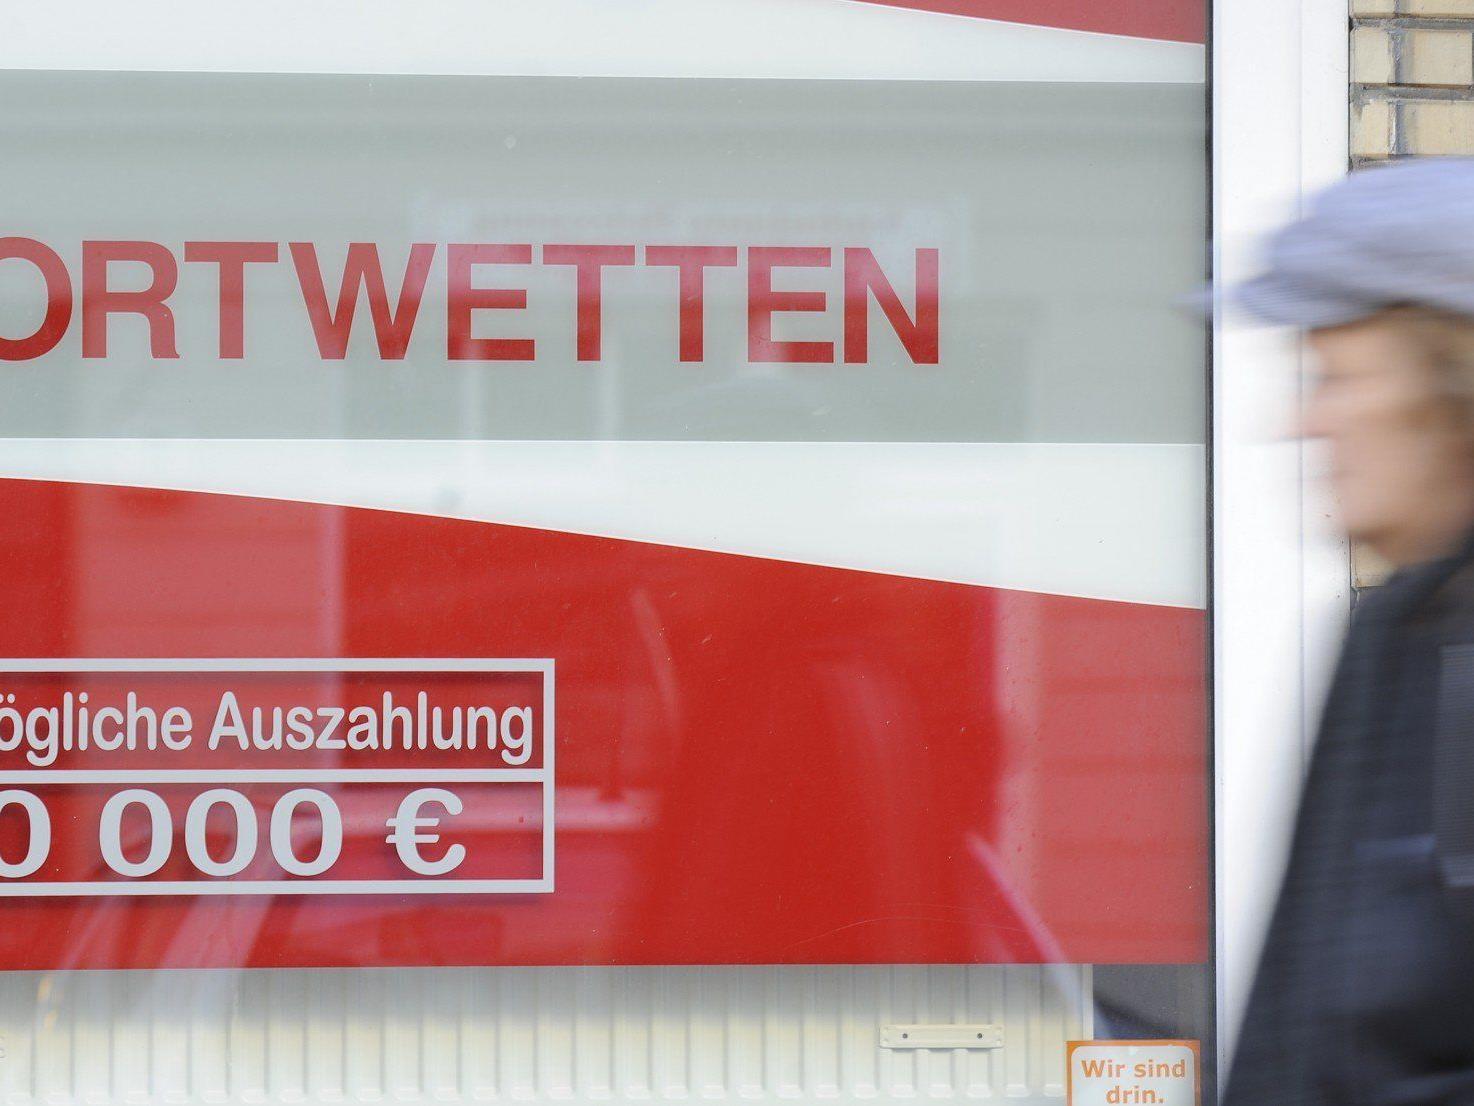 Angestellter erfand wegen Spielschulden Überfall auf Wiener Wettbüro